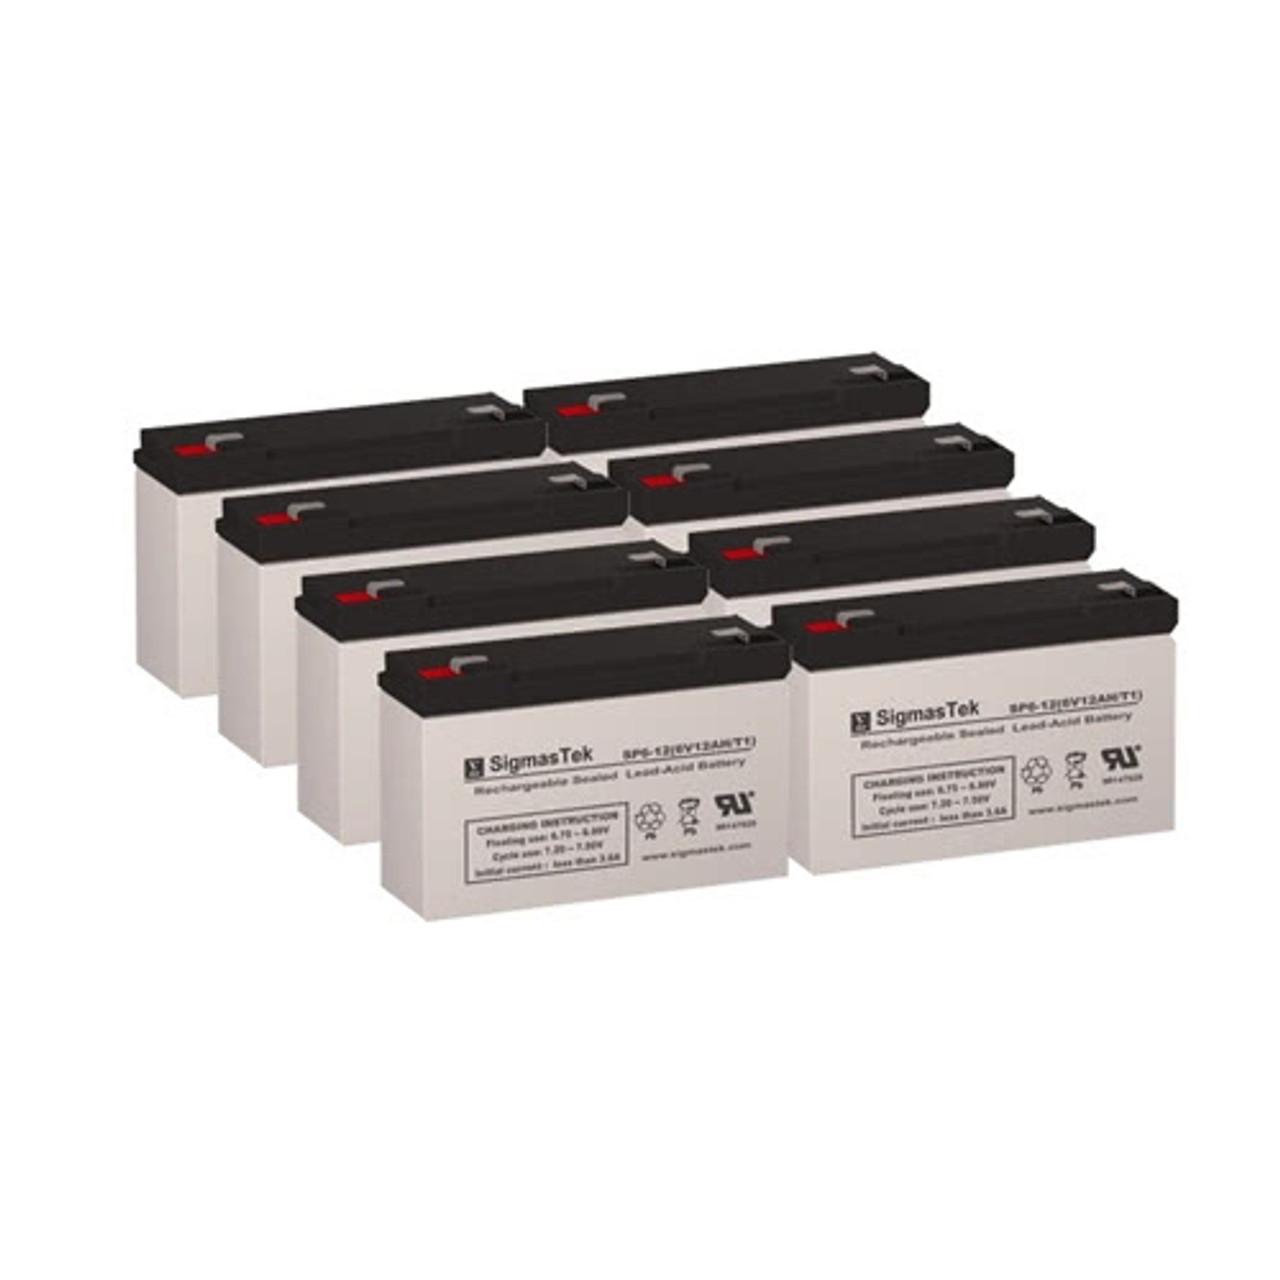 Liebert PowerSure Interactive PS1000RM-230 UPS Battery Replacement